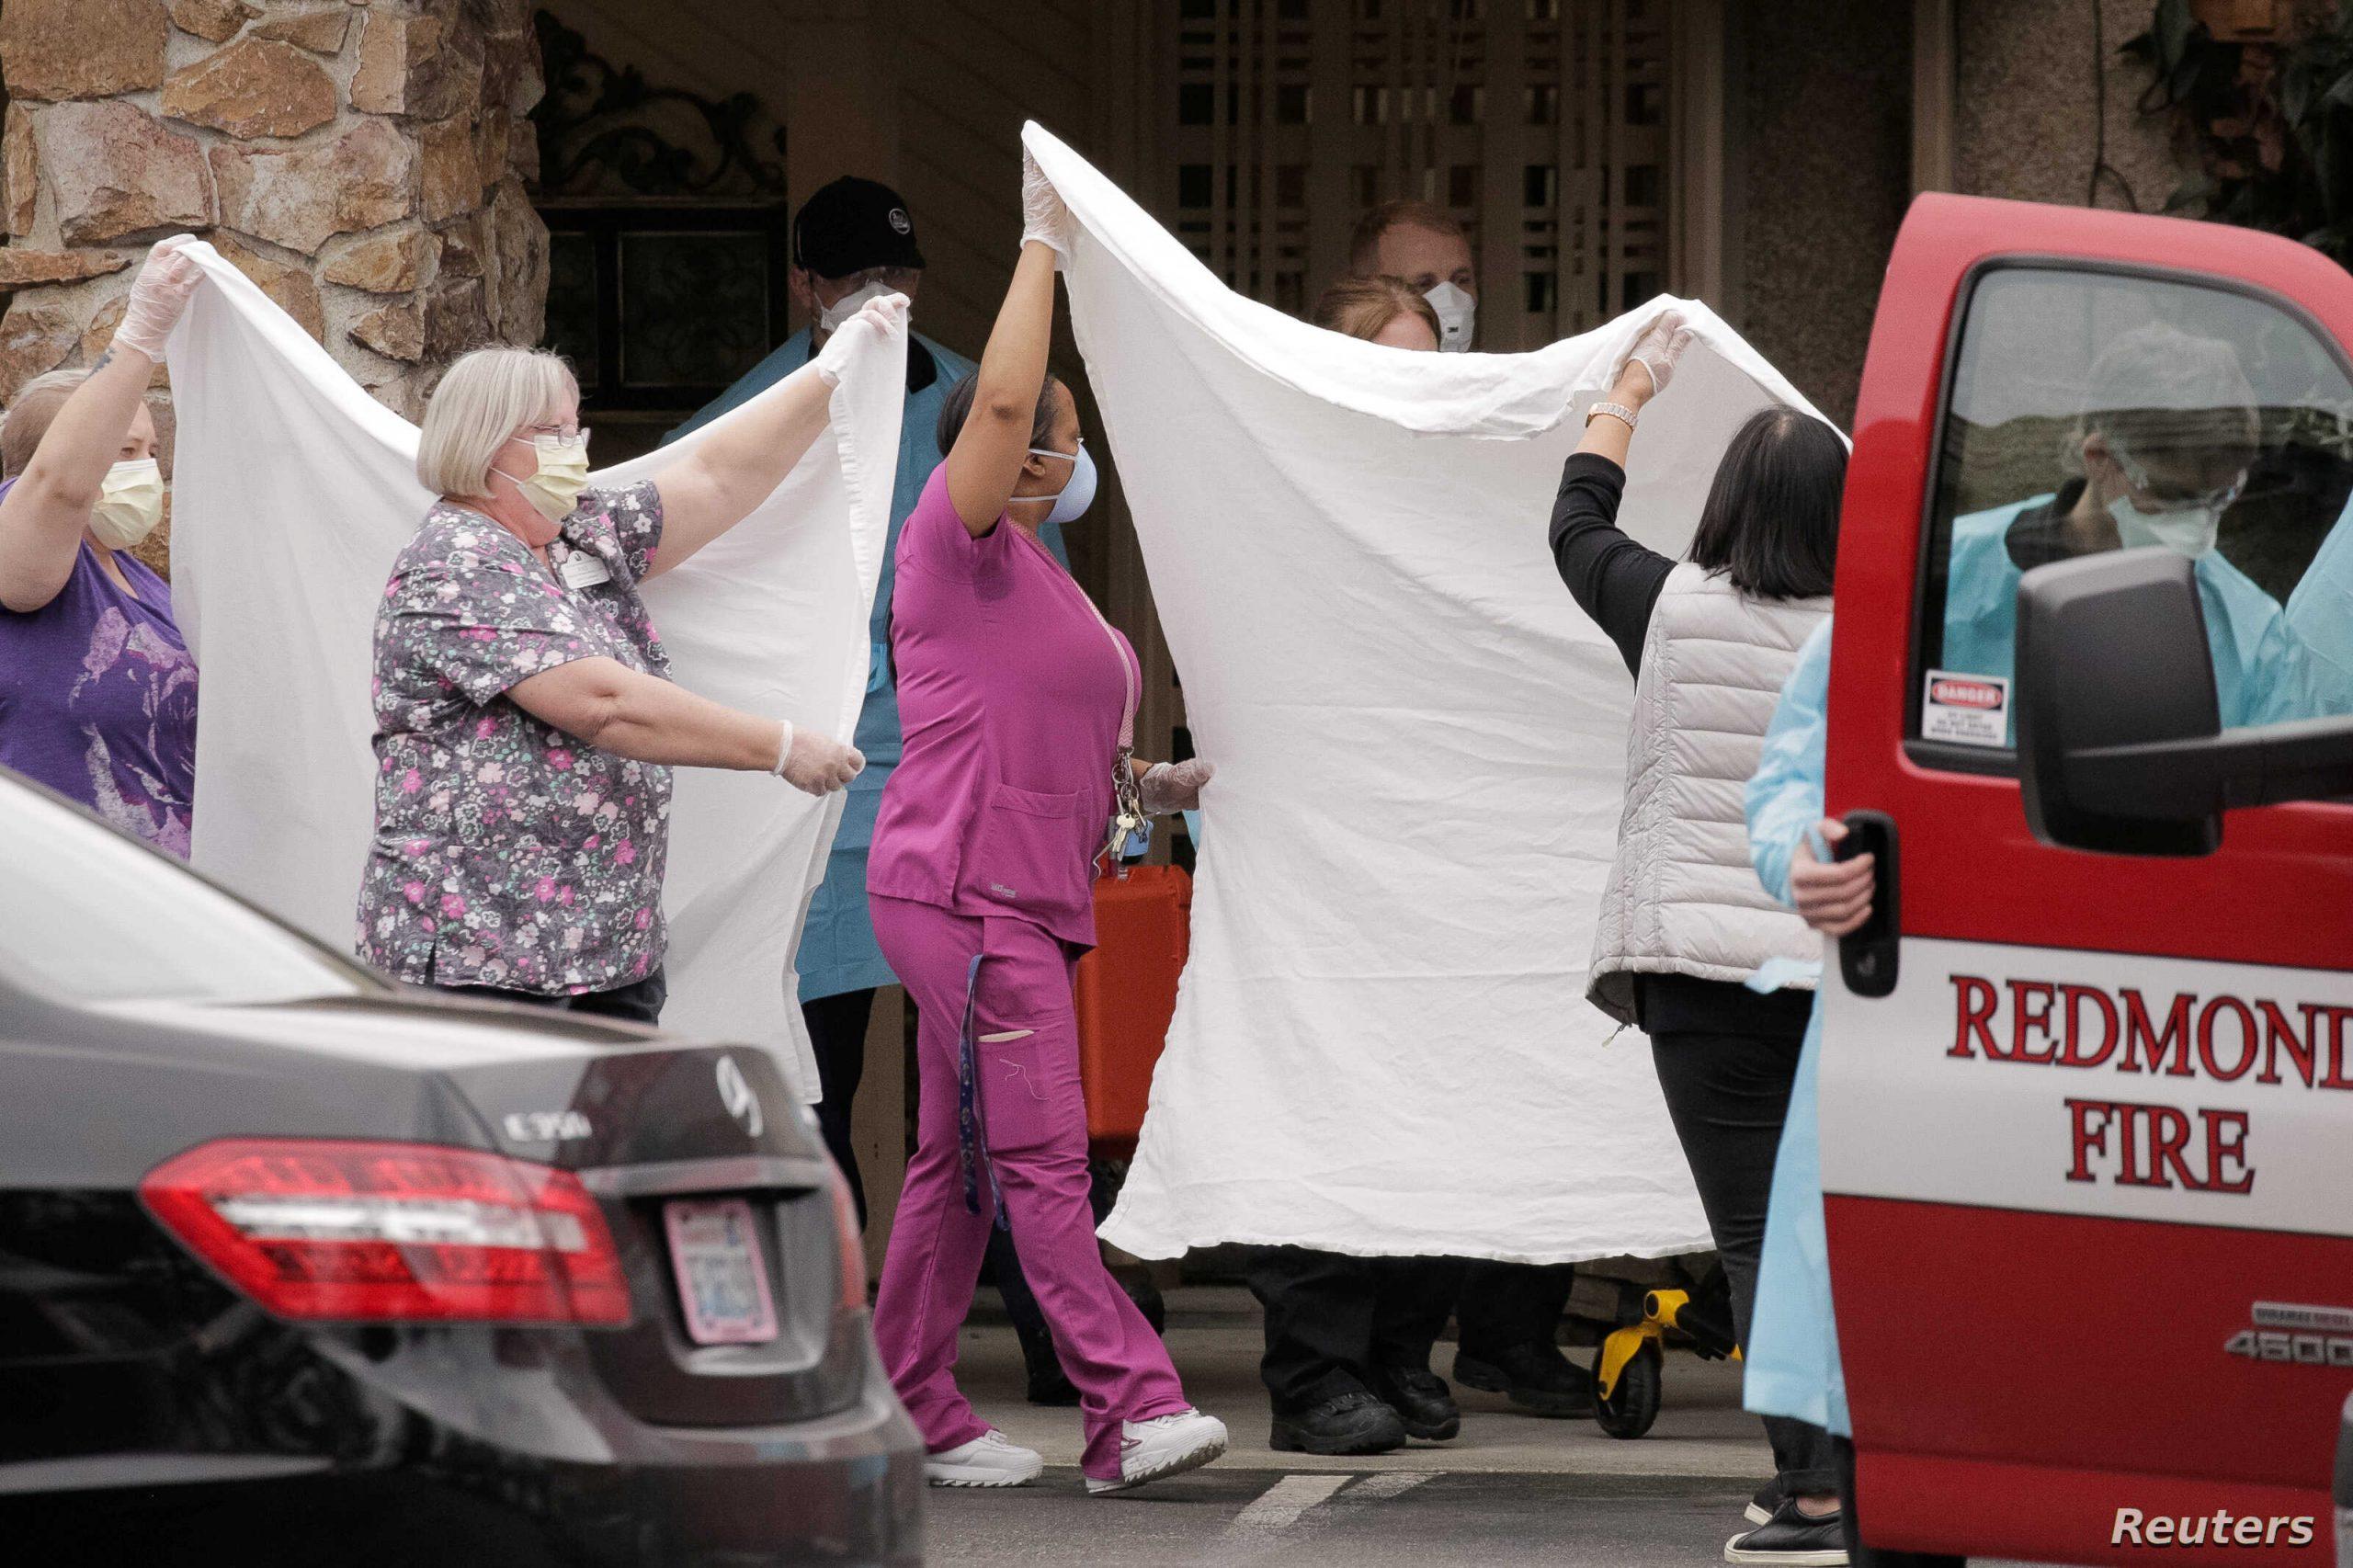 Πανδημια Covid 19: Ρεκόρ θανάτων ανά ημέρα για τις ΗΠΑ